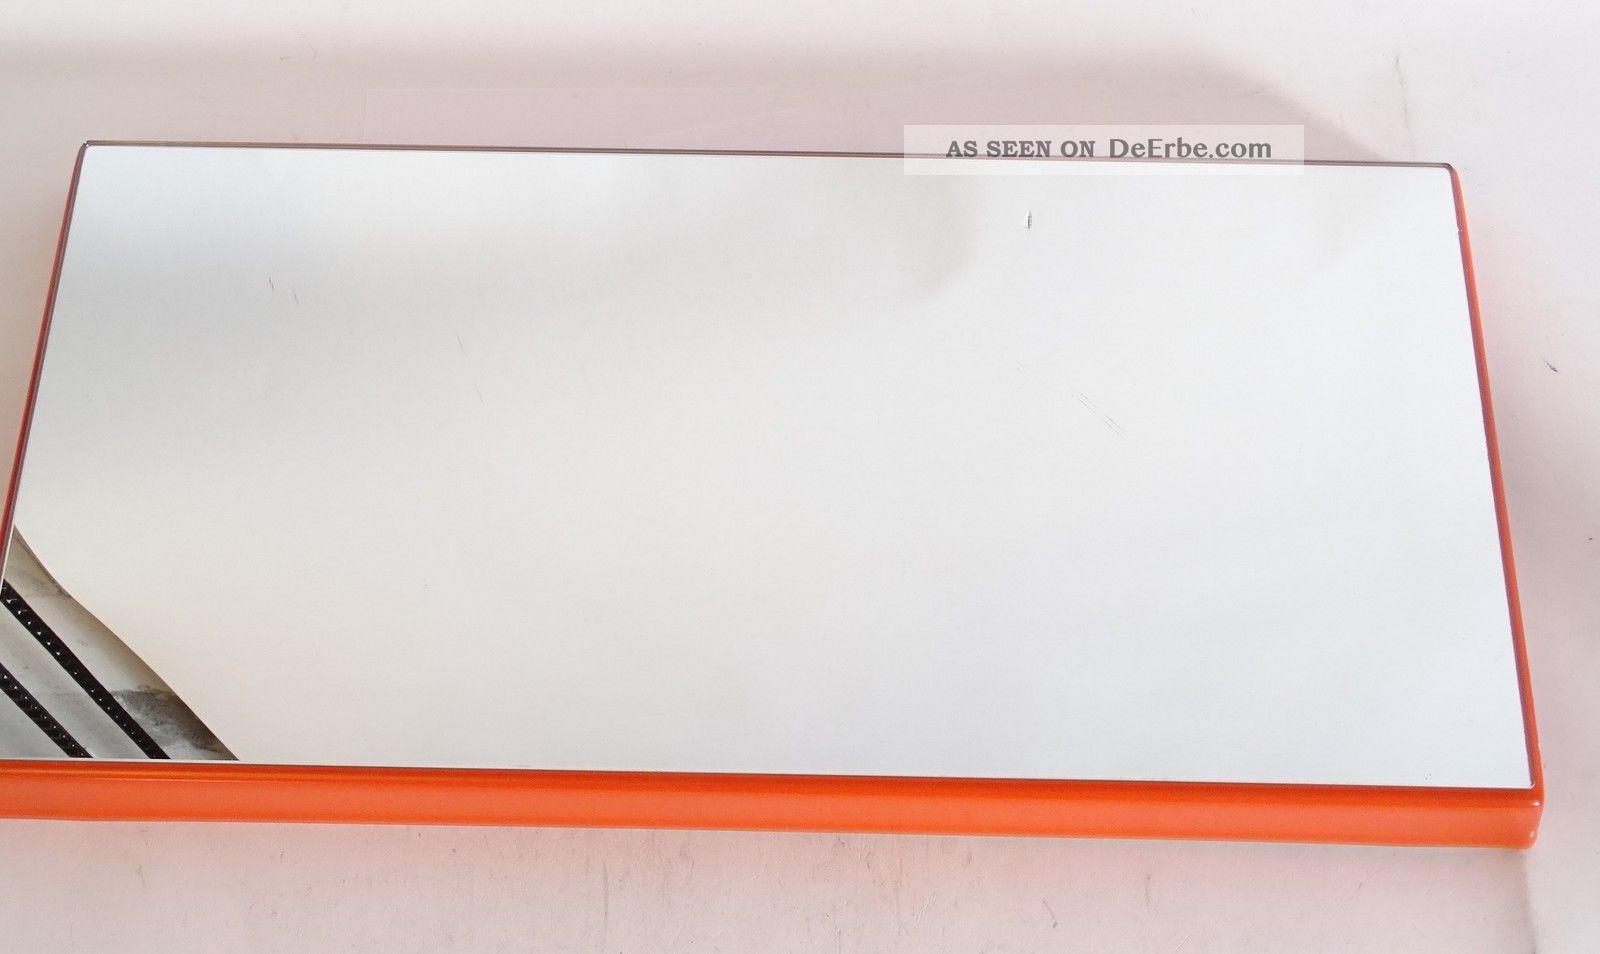 Space Age Rarität Spiegel Schönbuch Quadro Lack Orange 70er Jahre Design 1970-1979 Bild